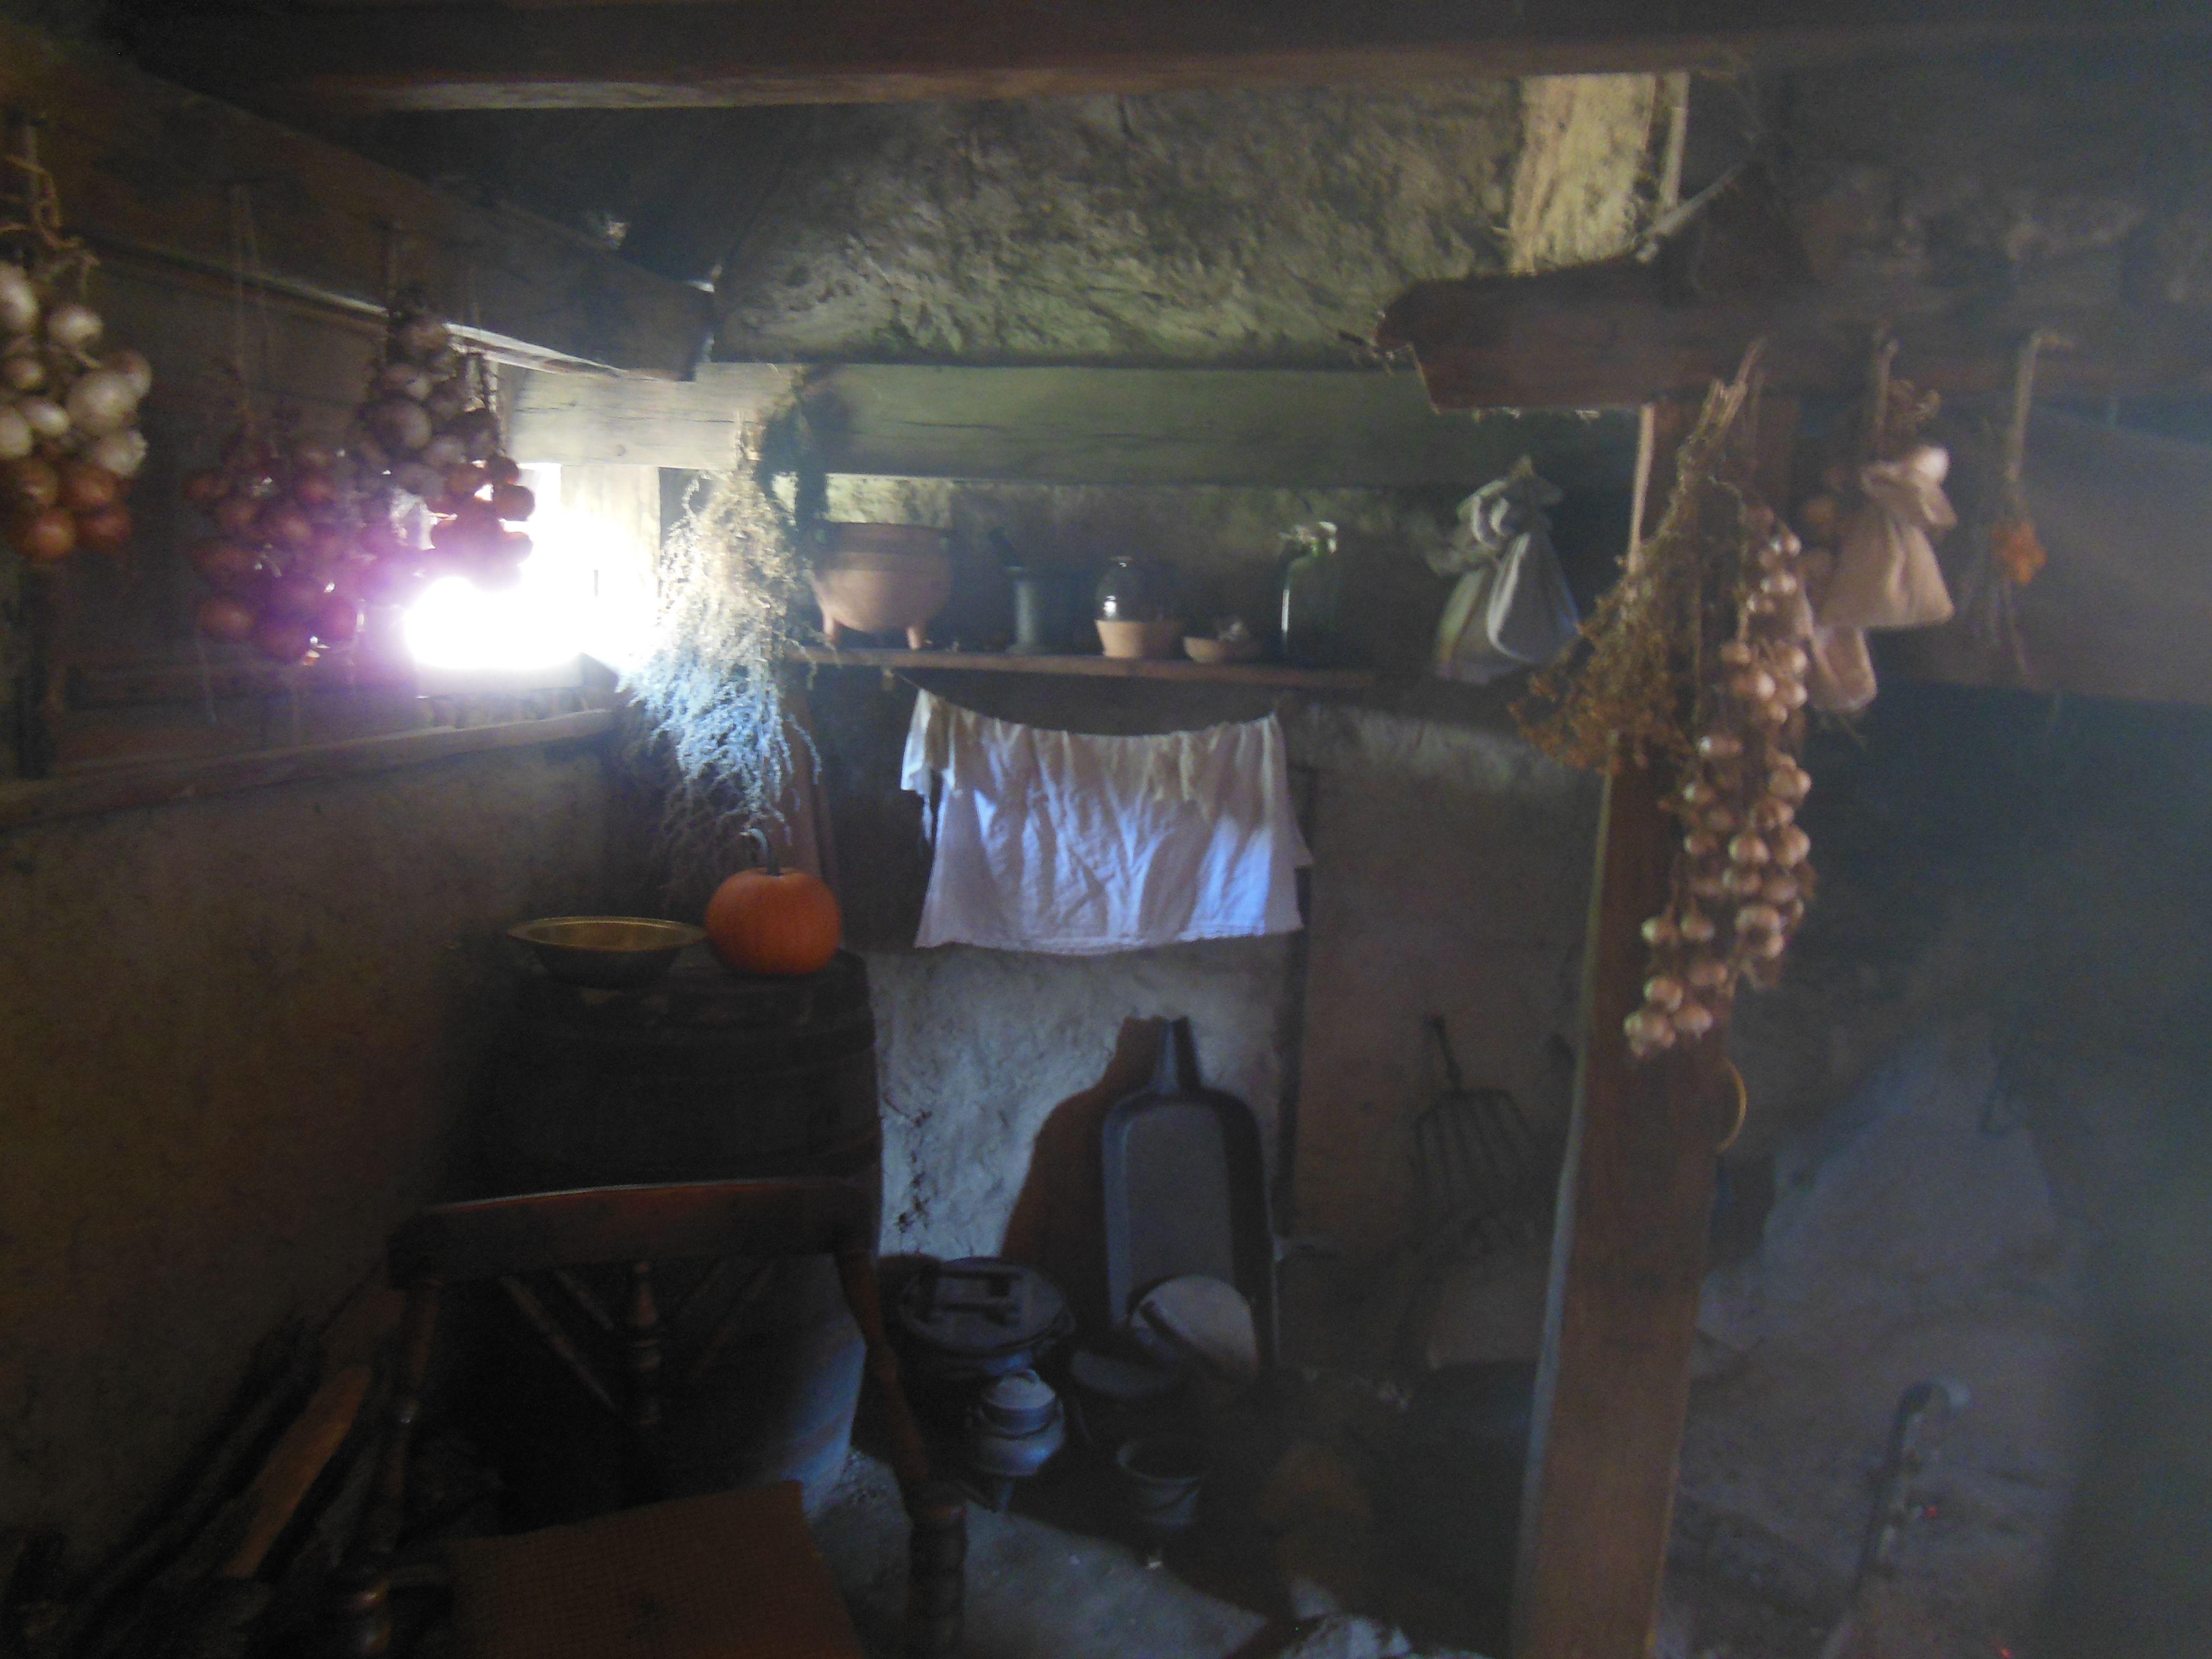 plimoth house Plimoth, Plimoth plantation, Living history